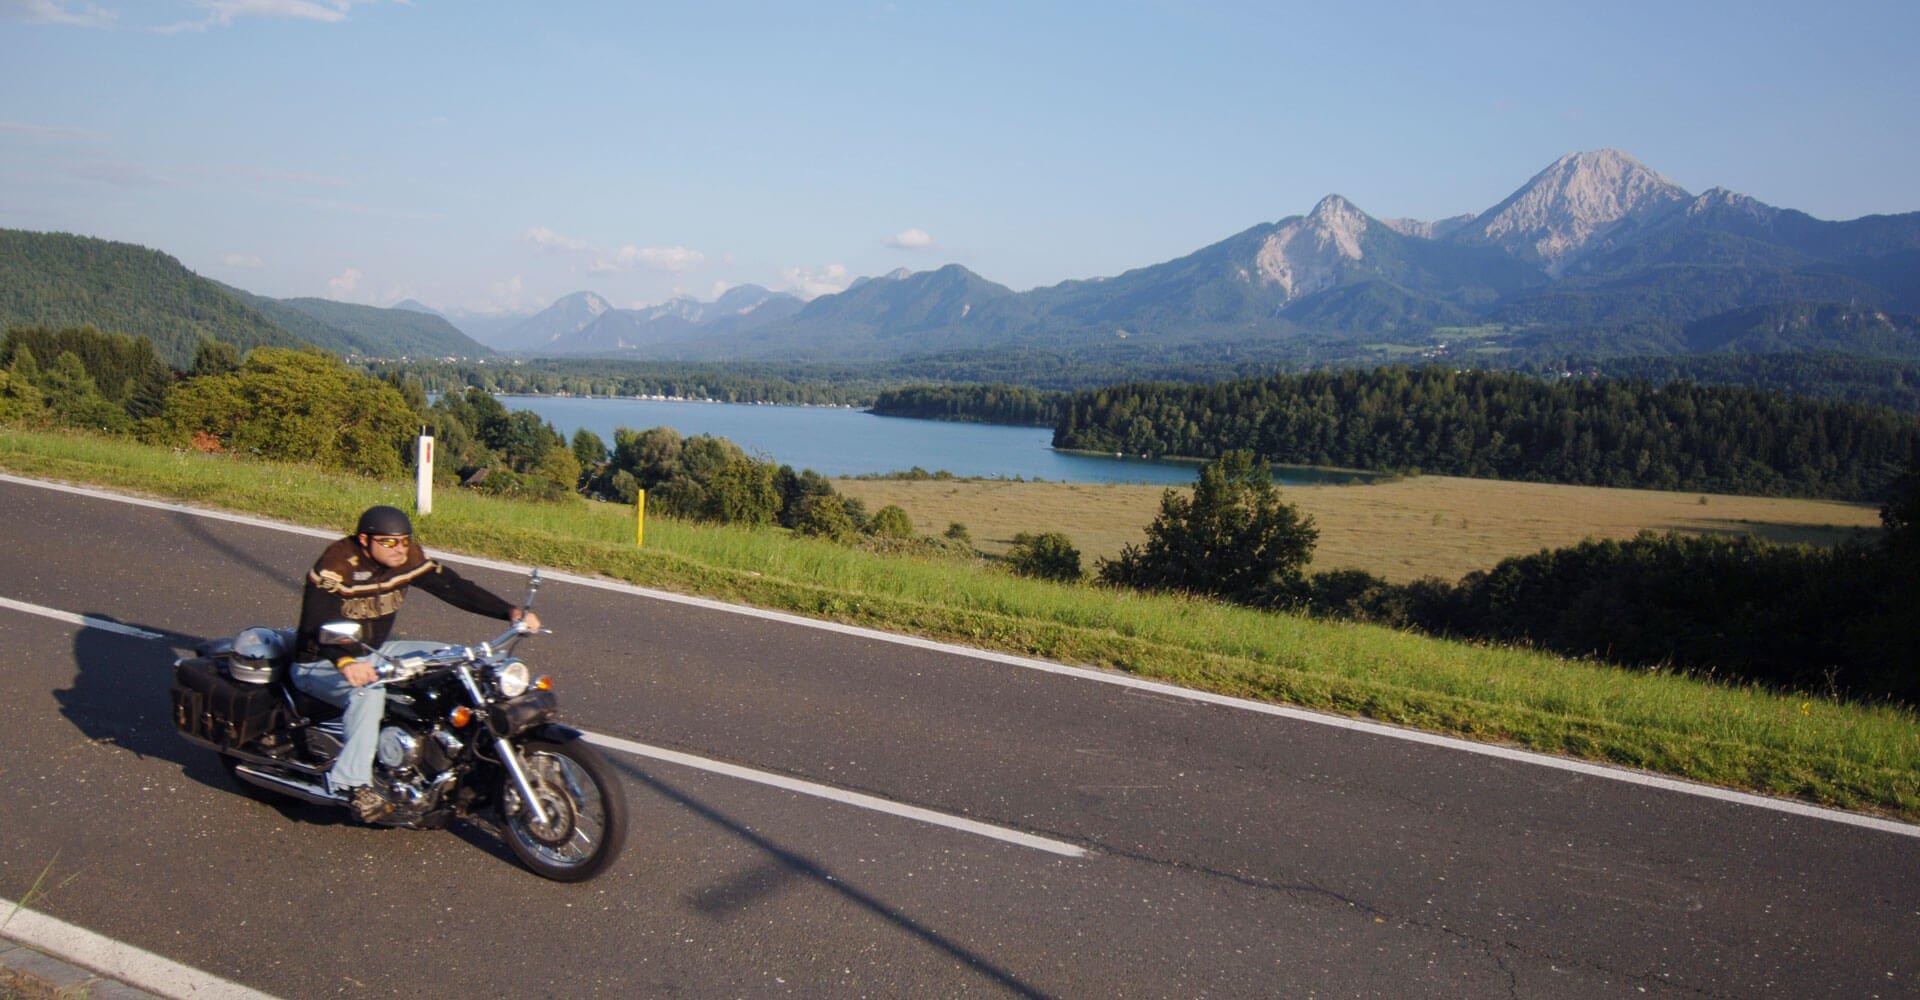 Motorradfahrt durch Kärnten von Pension Pilsachhof - zentrale Lage Nähe Villach am Ossiacher See bei Gerlitzen Alpe in Arriach